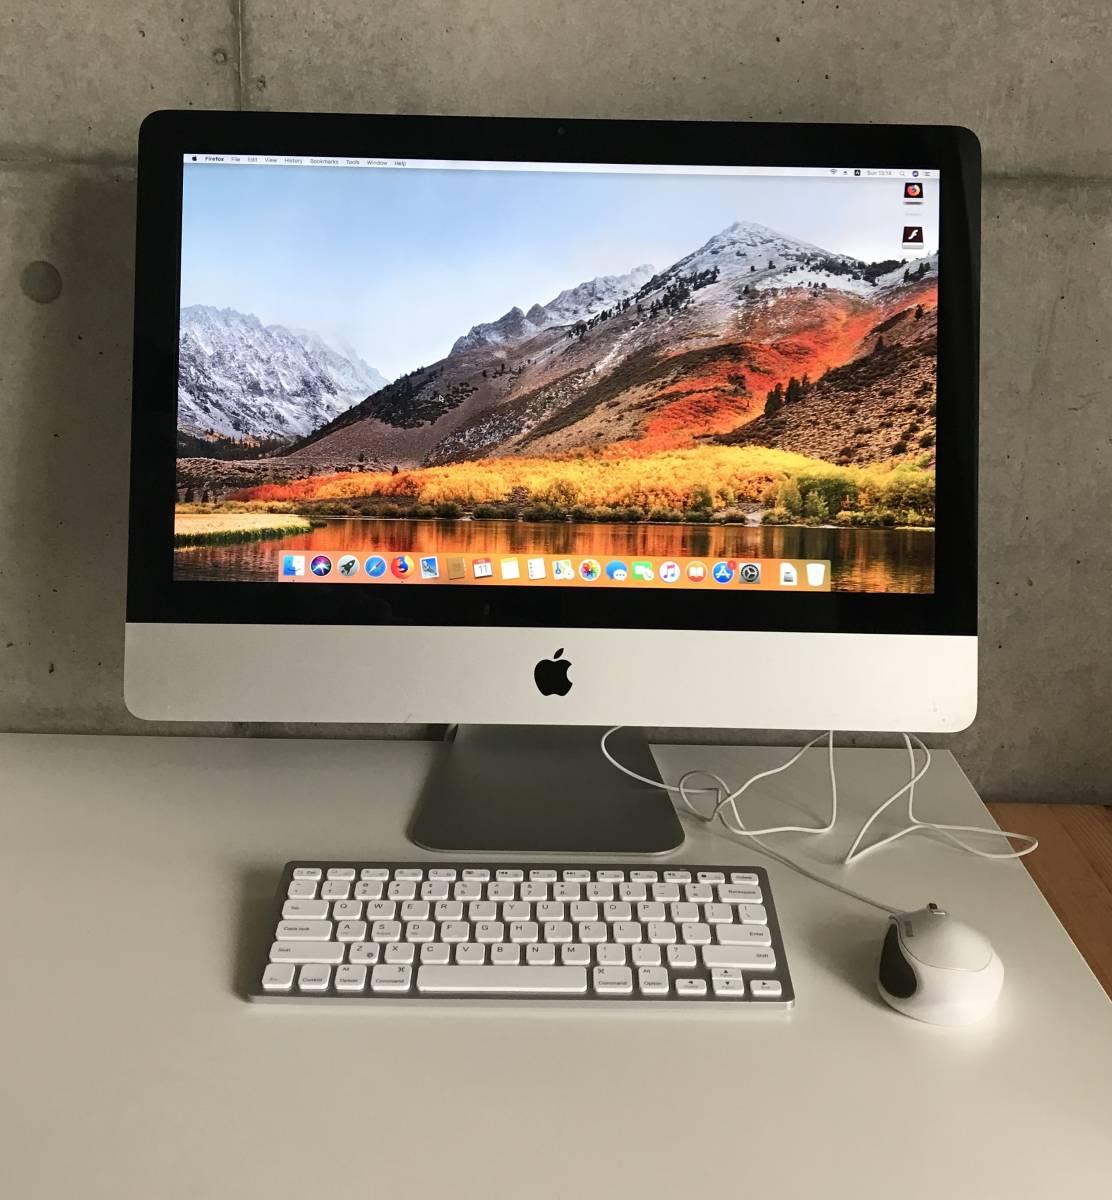 iMac (21.5-inch, Mid 2011) 2.7 GHz Intel Core i5 OS High Sierra